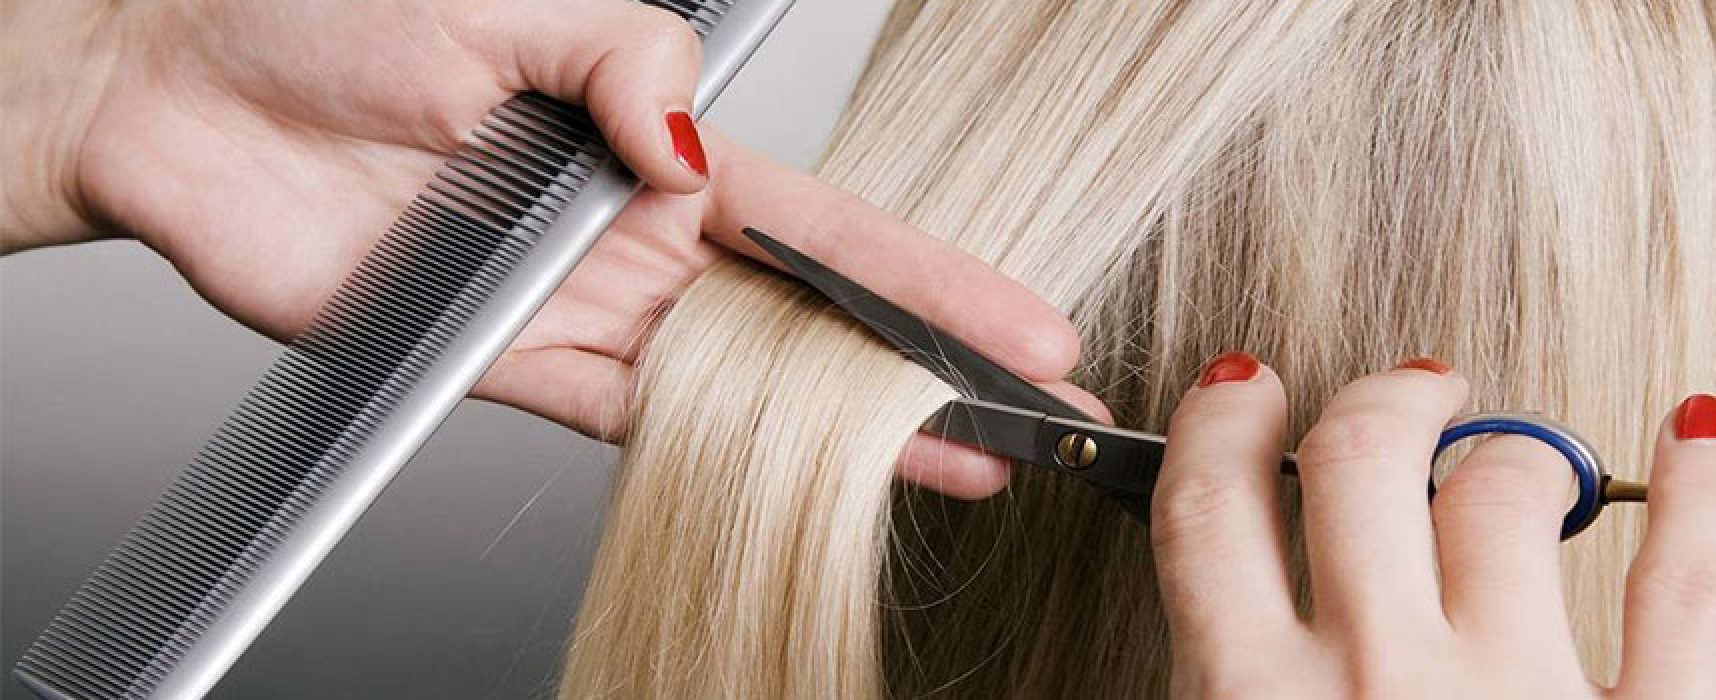 """Acconciatori Biscegliesi: """"Pronti a denunciare parrucchieri ed estetiste a domicilio"""""""